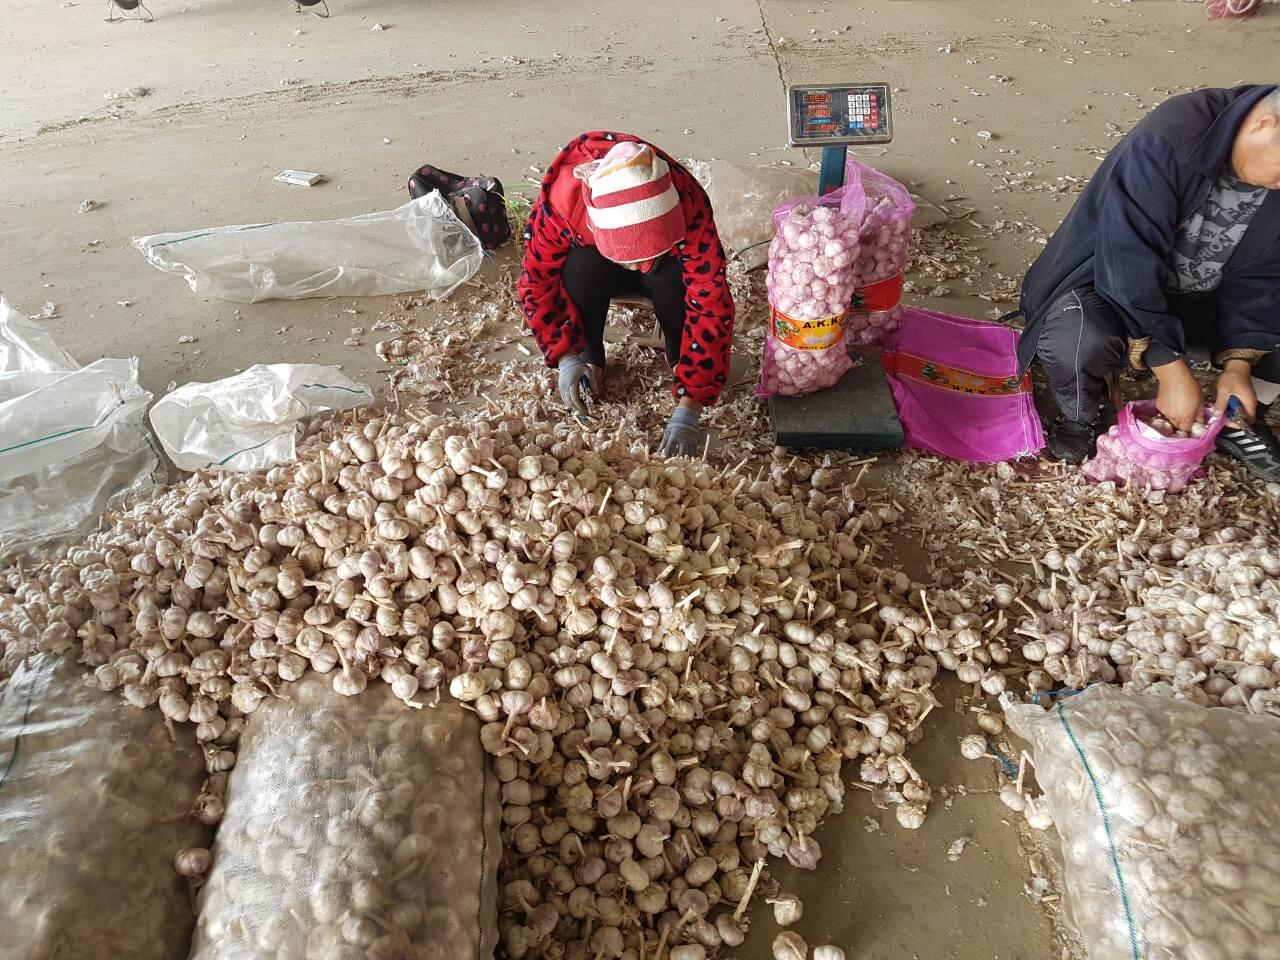 жінки обрізають стебла часнику на ринку Цзиньсян в Китаї